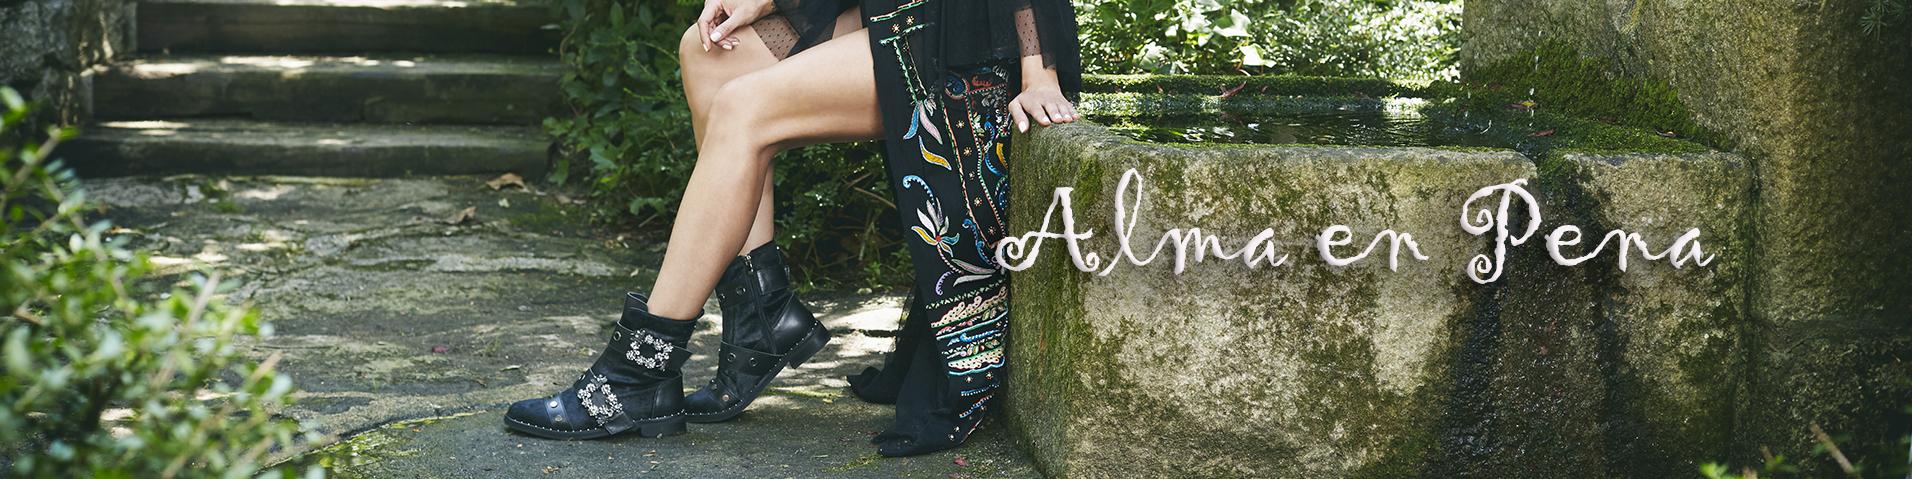 En Zapatos Comprar De Alma Mujer Online Femenino Pena Calzado frq5zr